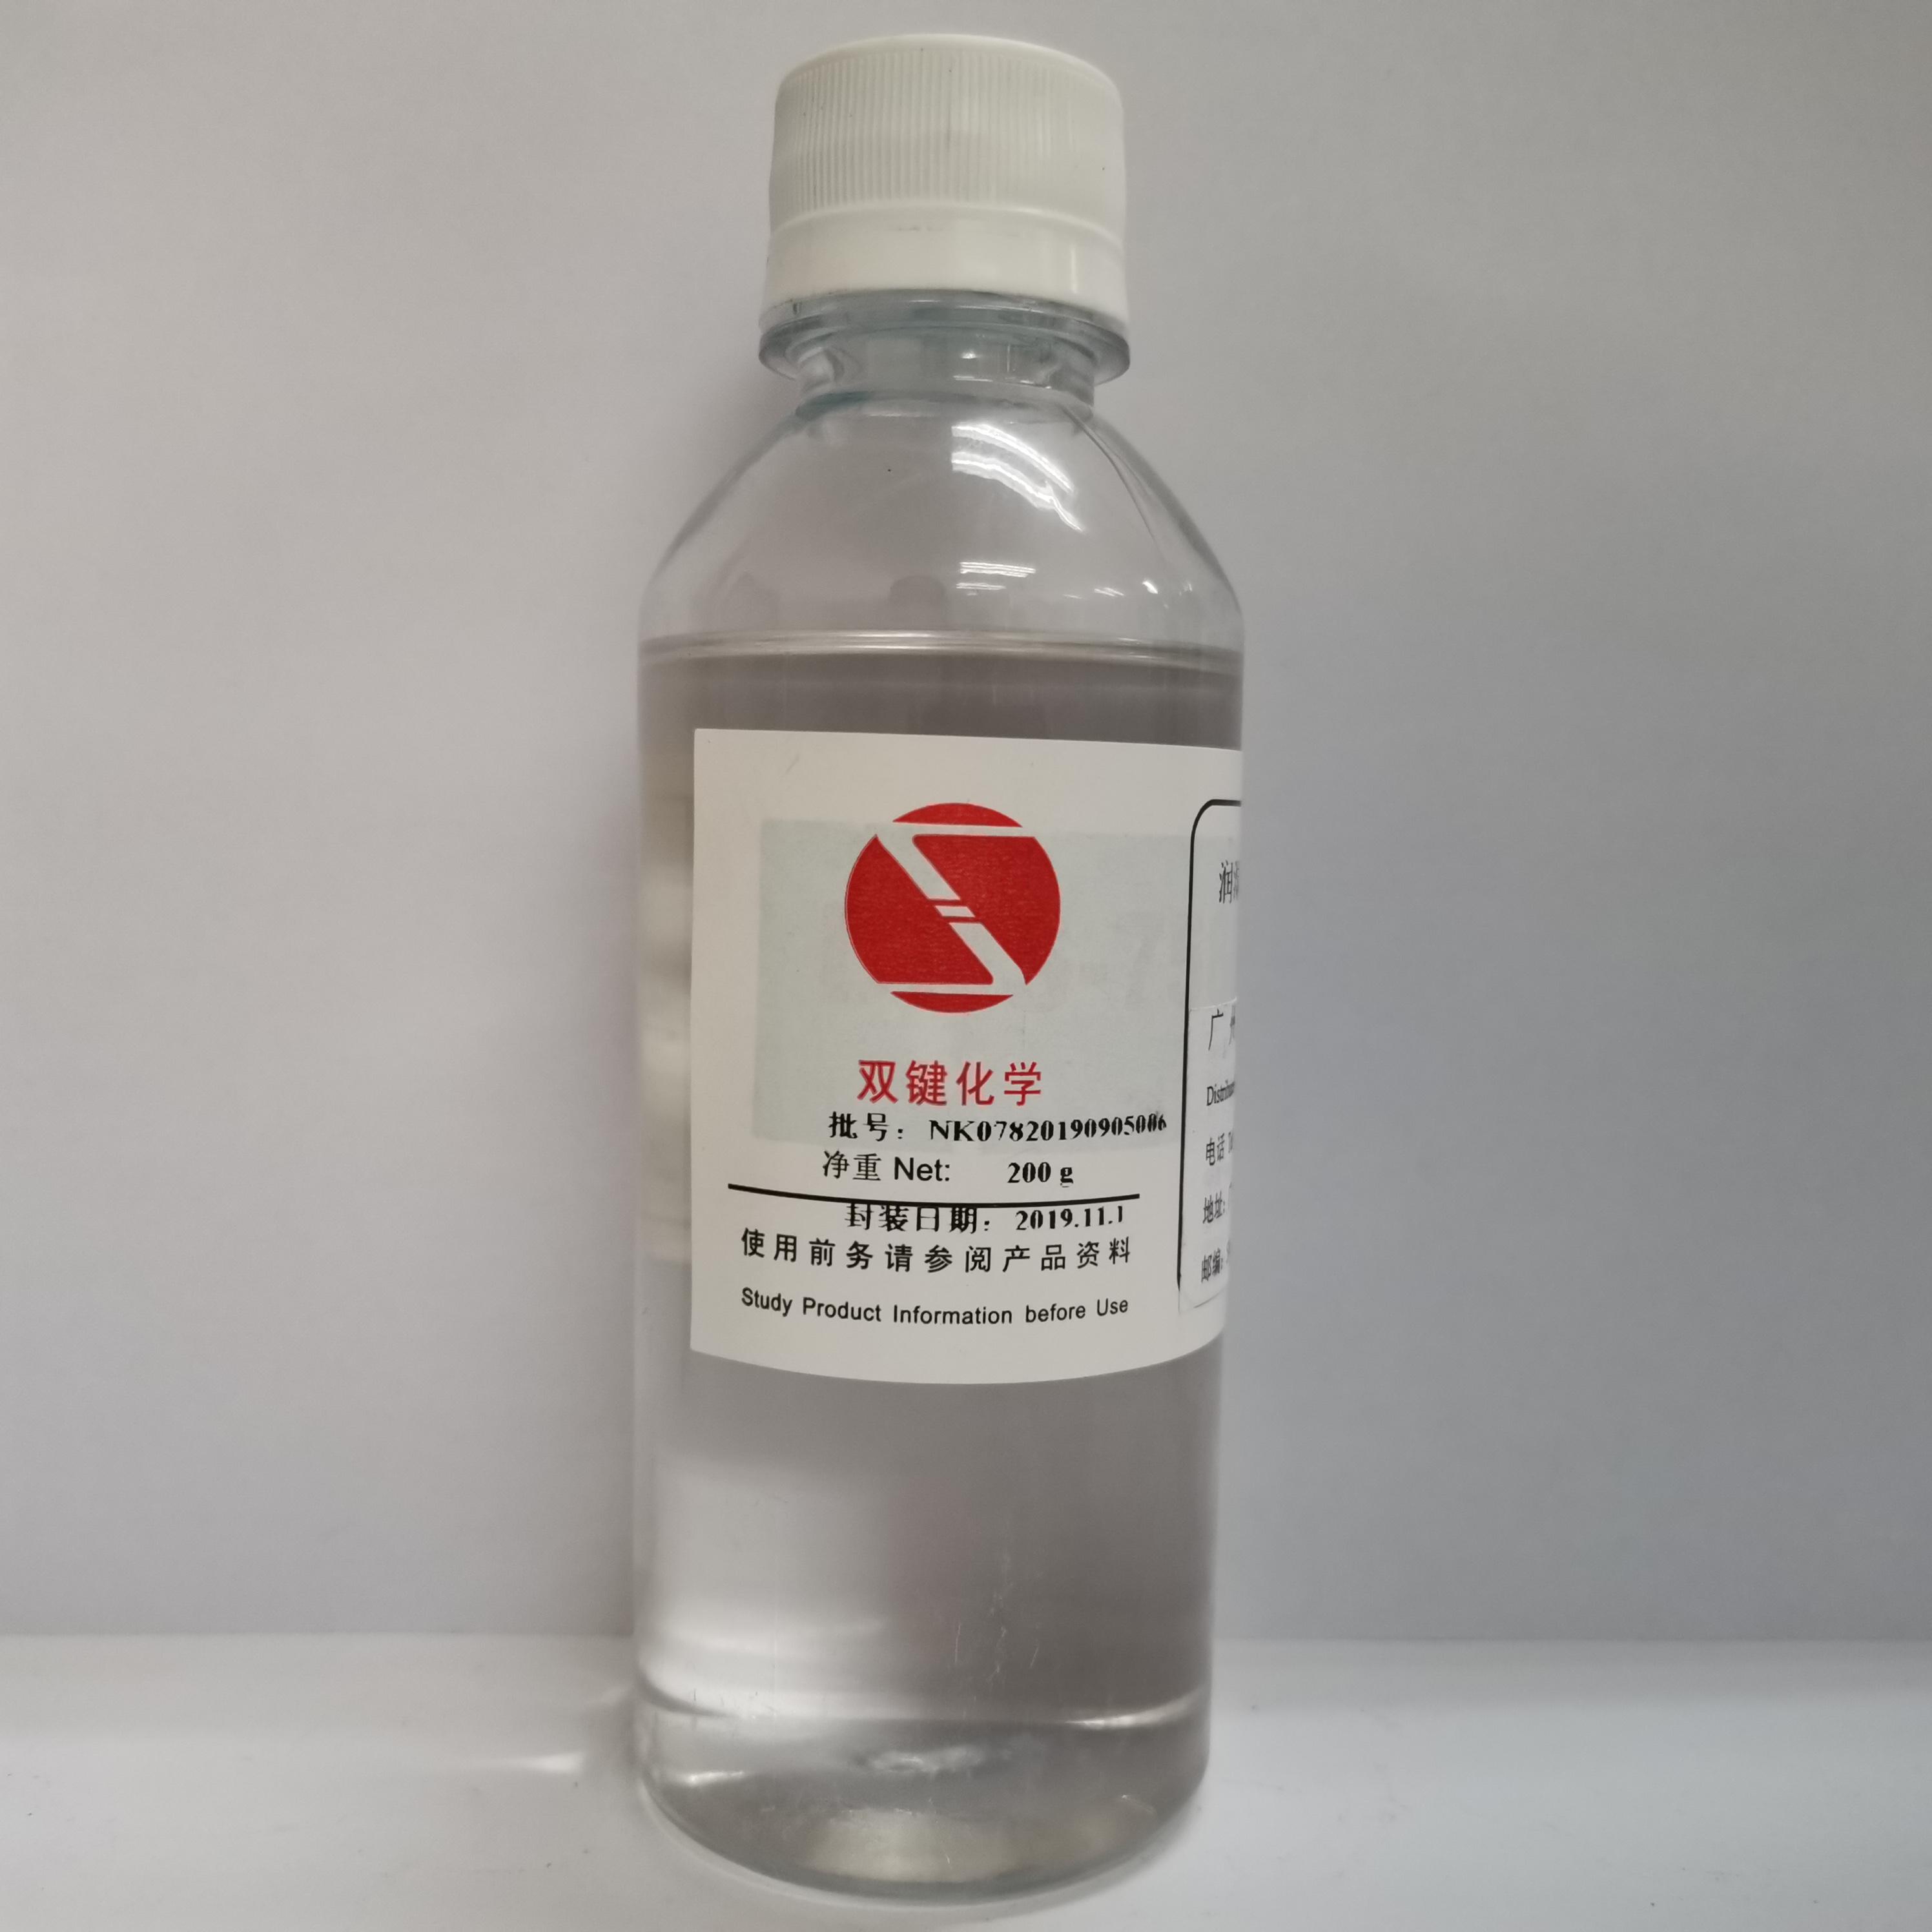 磺基琥珀酸异癸酯二钠